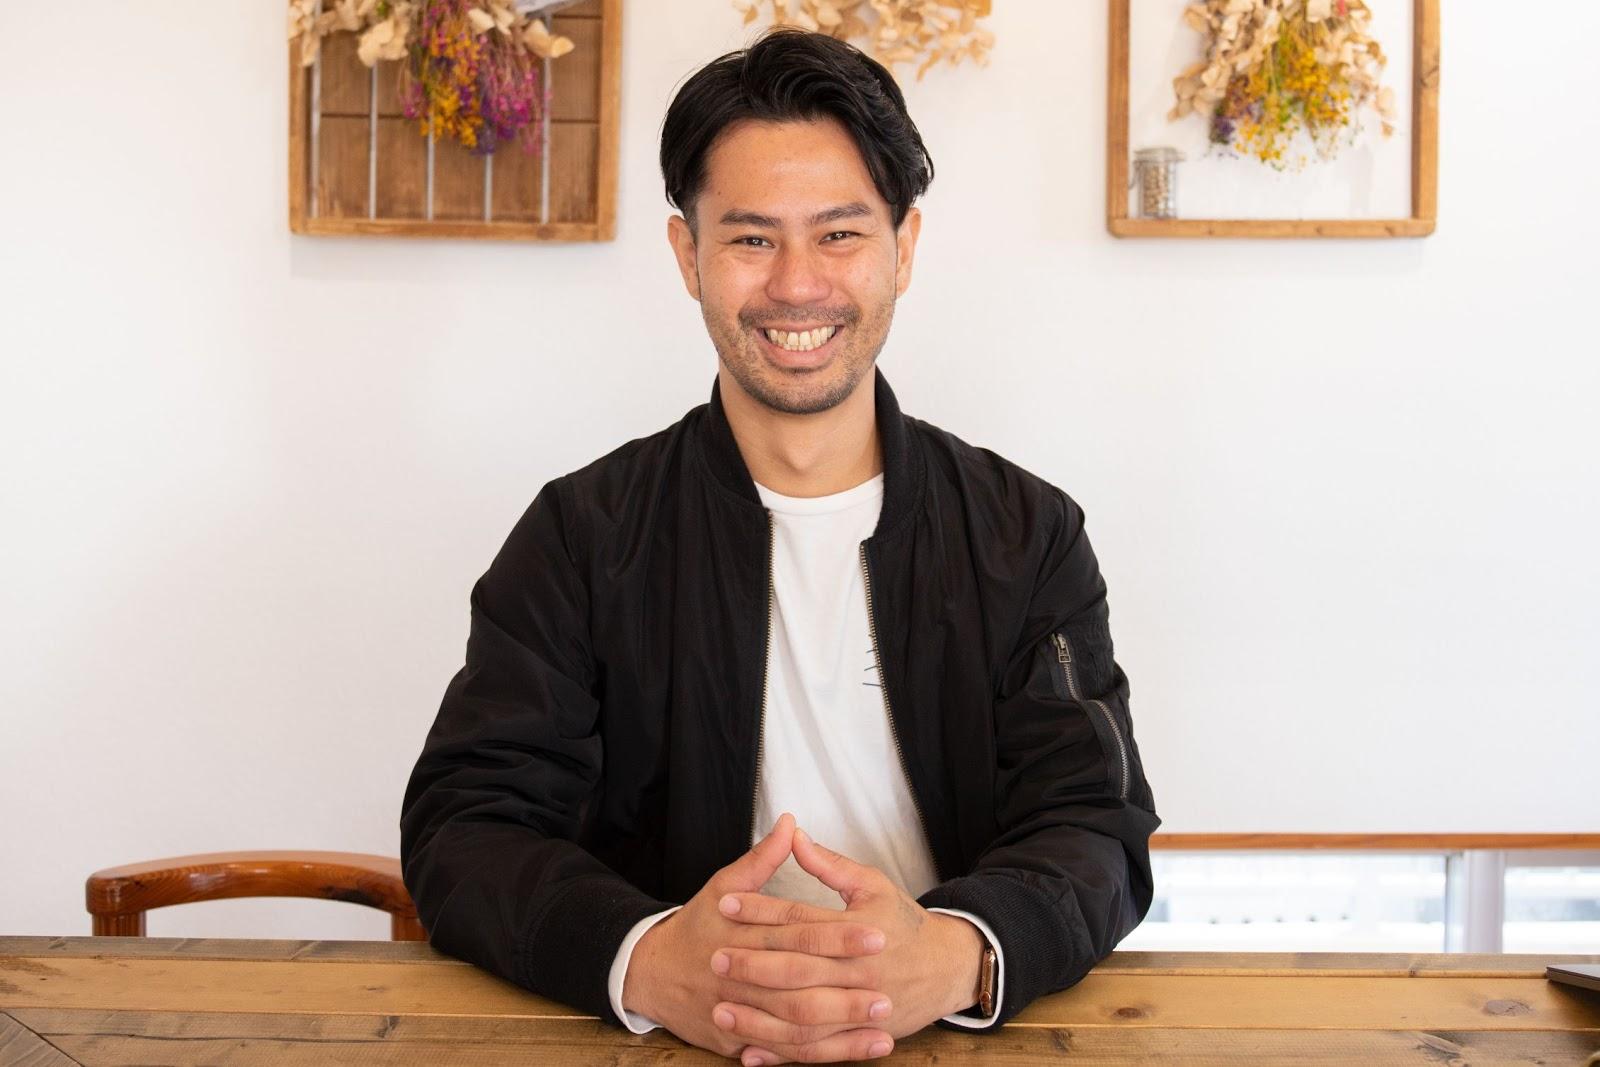 瑞慶覧さんは、三代目社長就任後、大きな目標を2つ掲げた。ひとつは「池田食品の豆腐のリブランディングを図ること」、もうひとつは「従来の豆腐屋のイメージを覆すこと」だ。